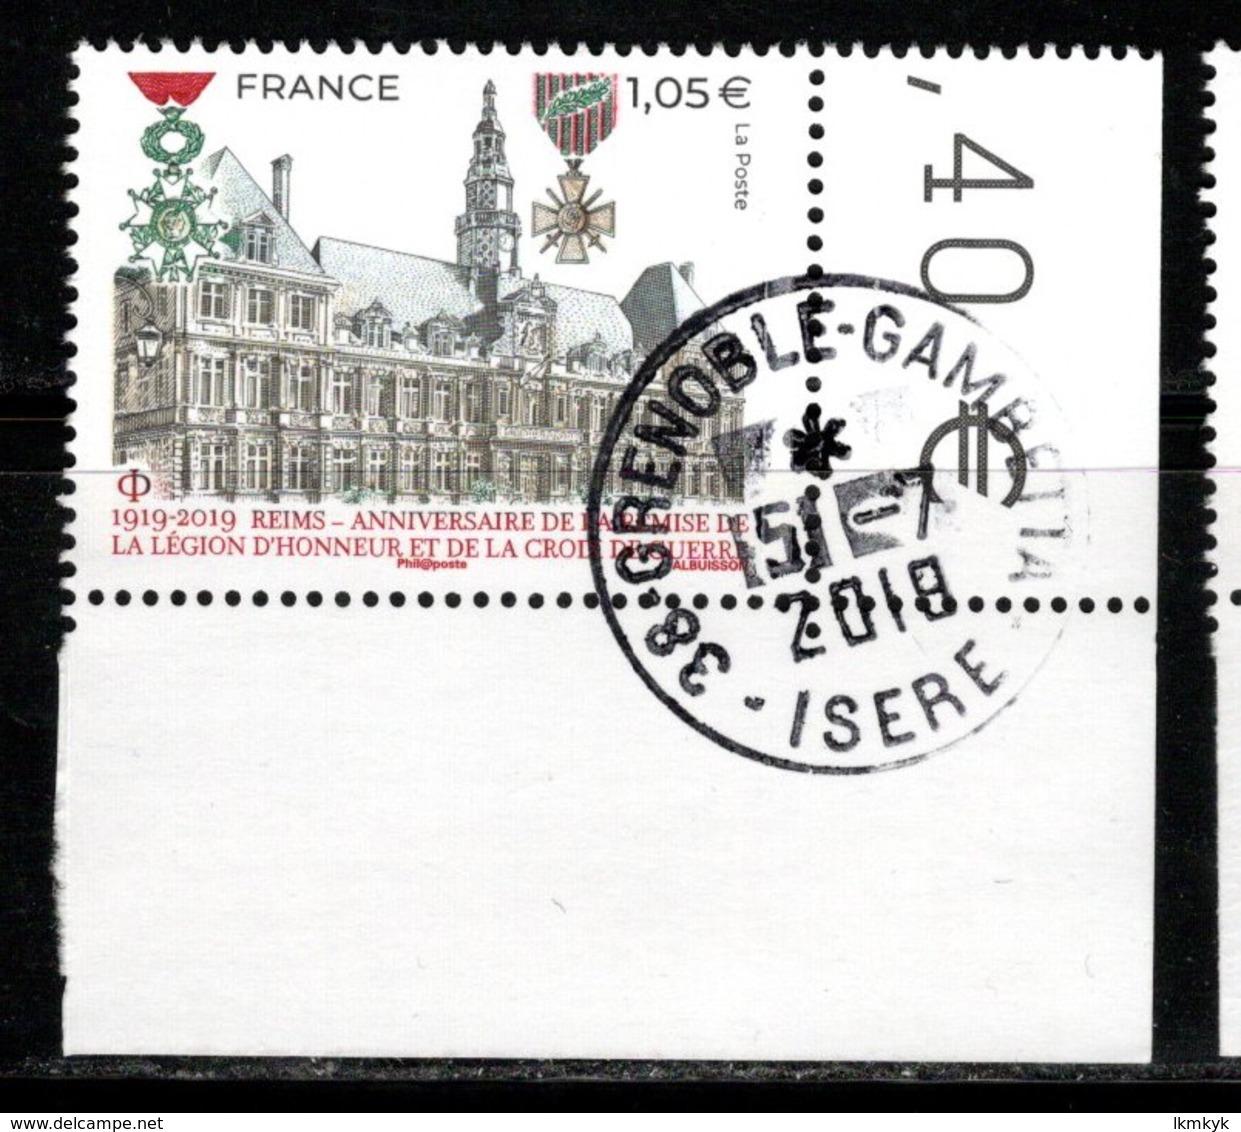 France 2019.Reims.Anniversaire.Légion D'Honneur Et Croix De Guerre.Cachet Rond.Gomme D'Origine. - Used Stamps